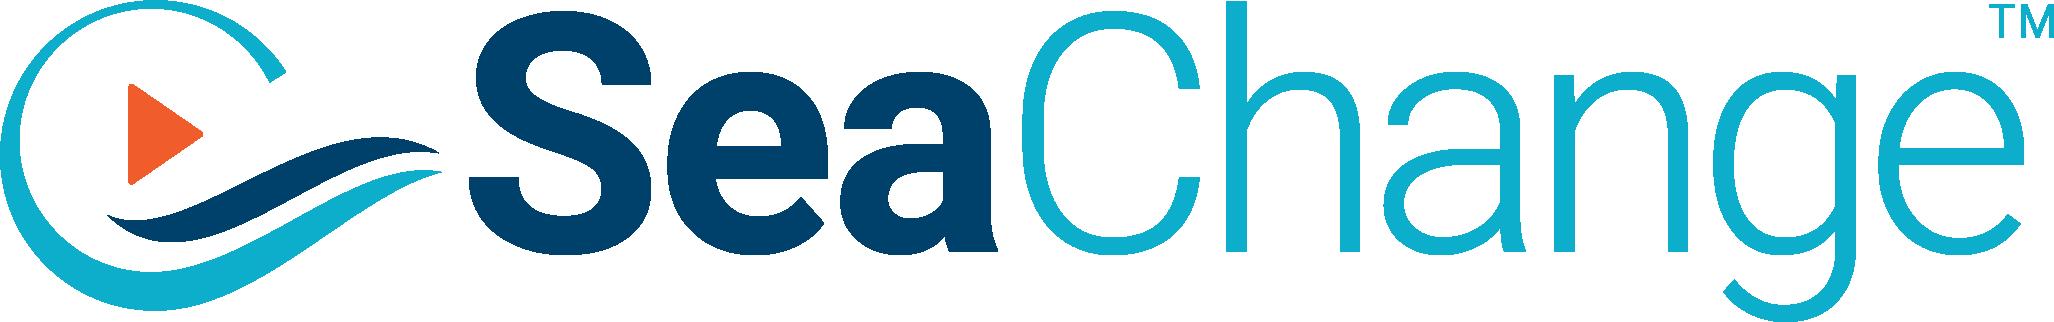 SeaChange_Logo